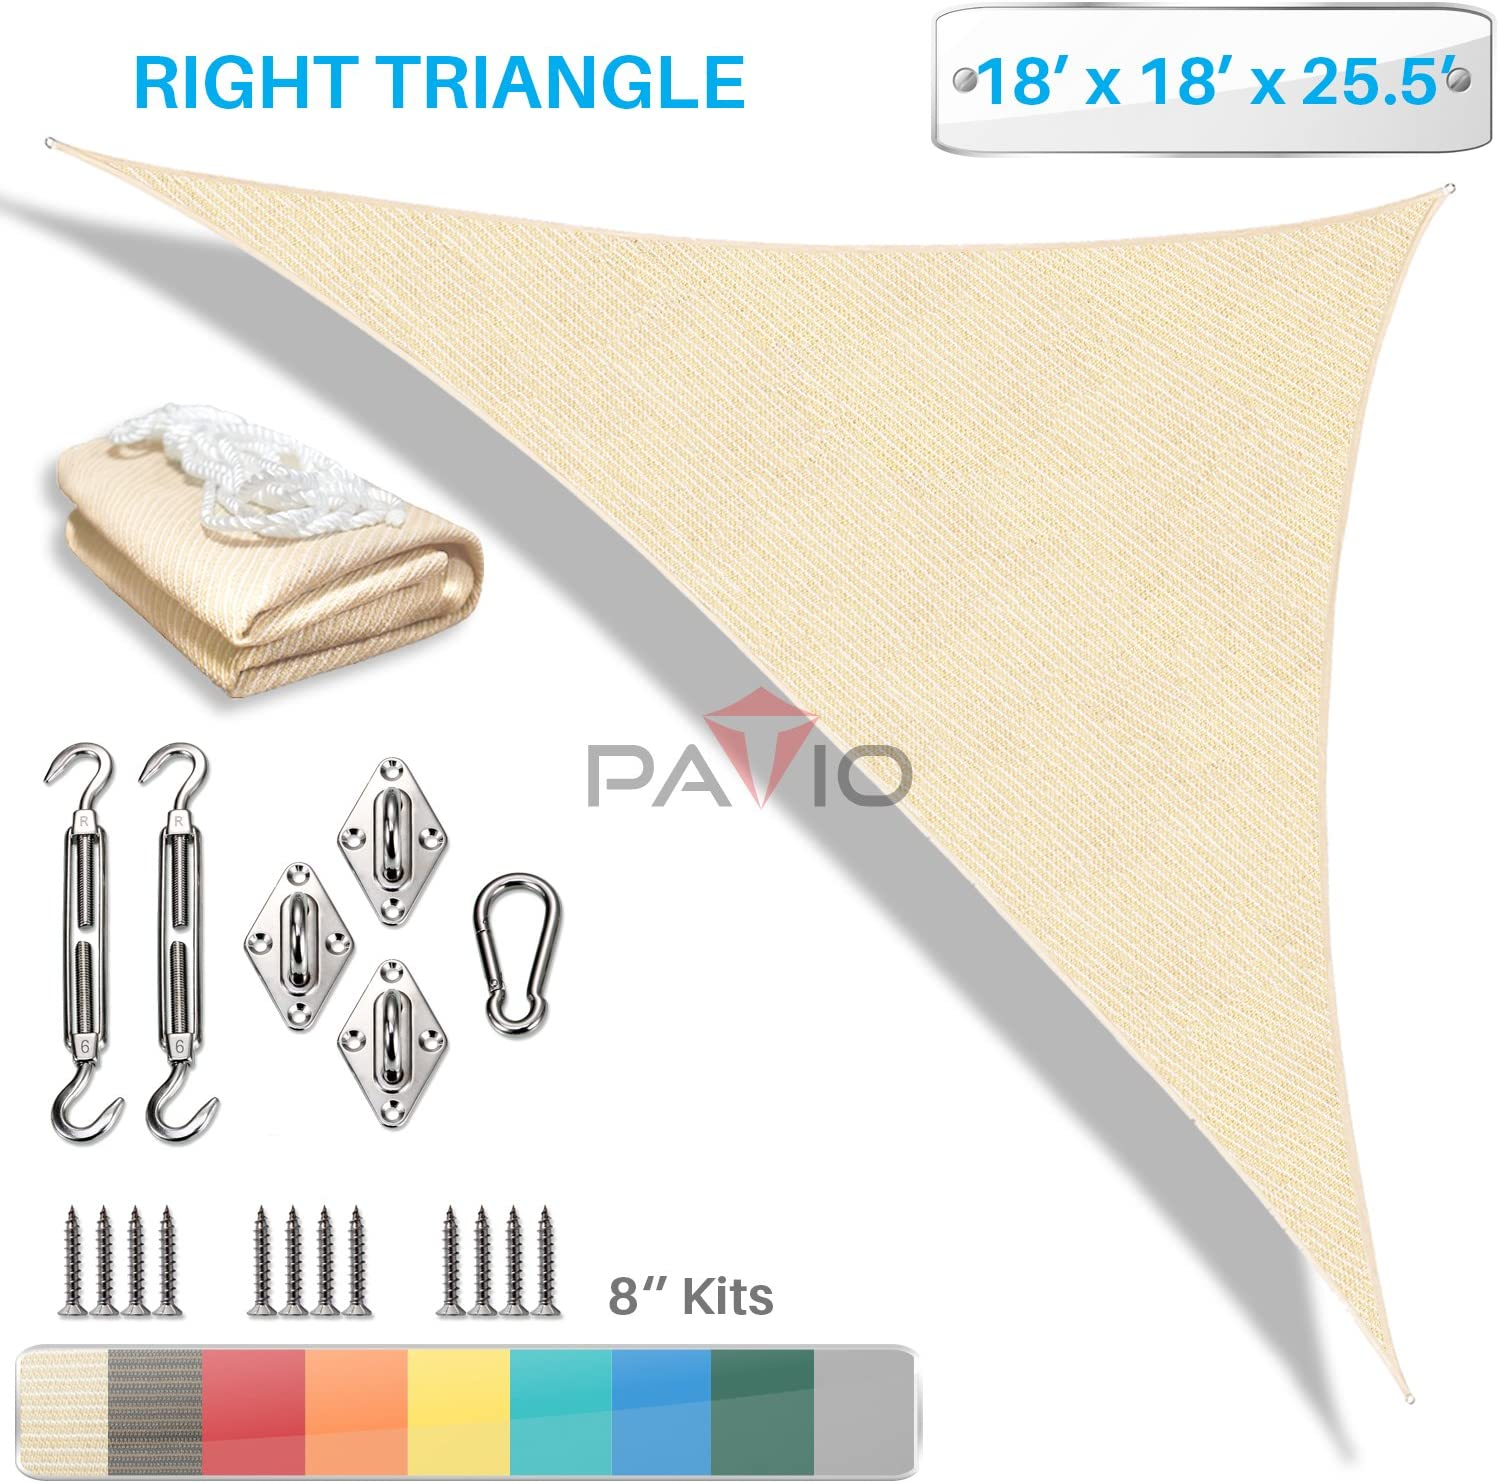 Toldo con Kit de Hardware, derecho triángulo: Amazon.es: Jardín